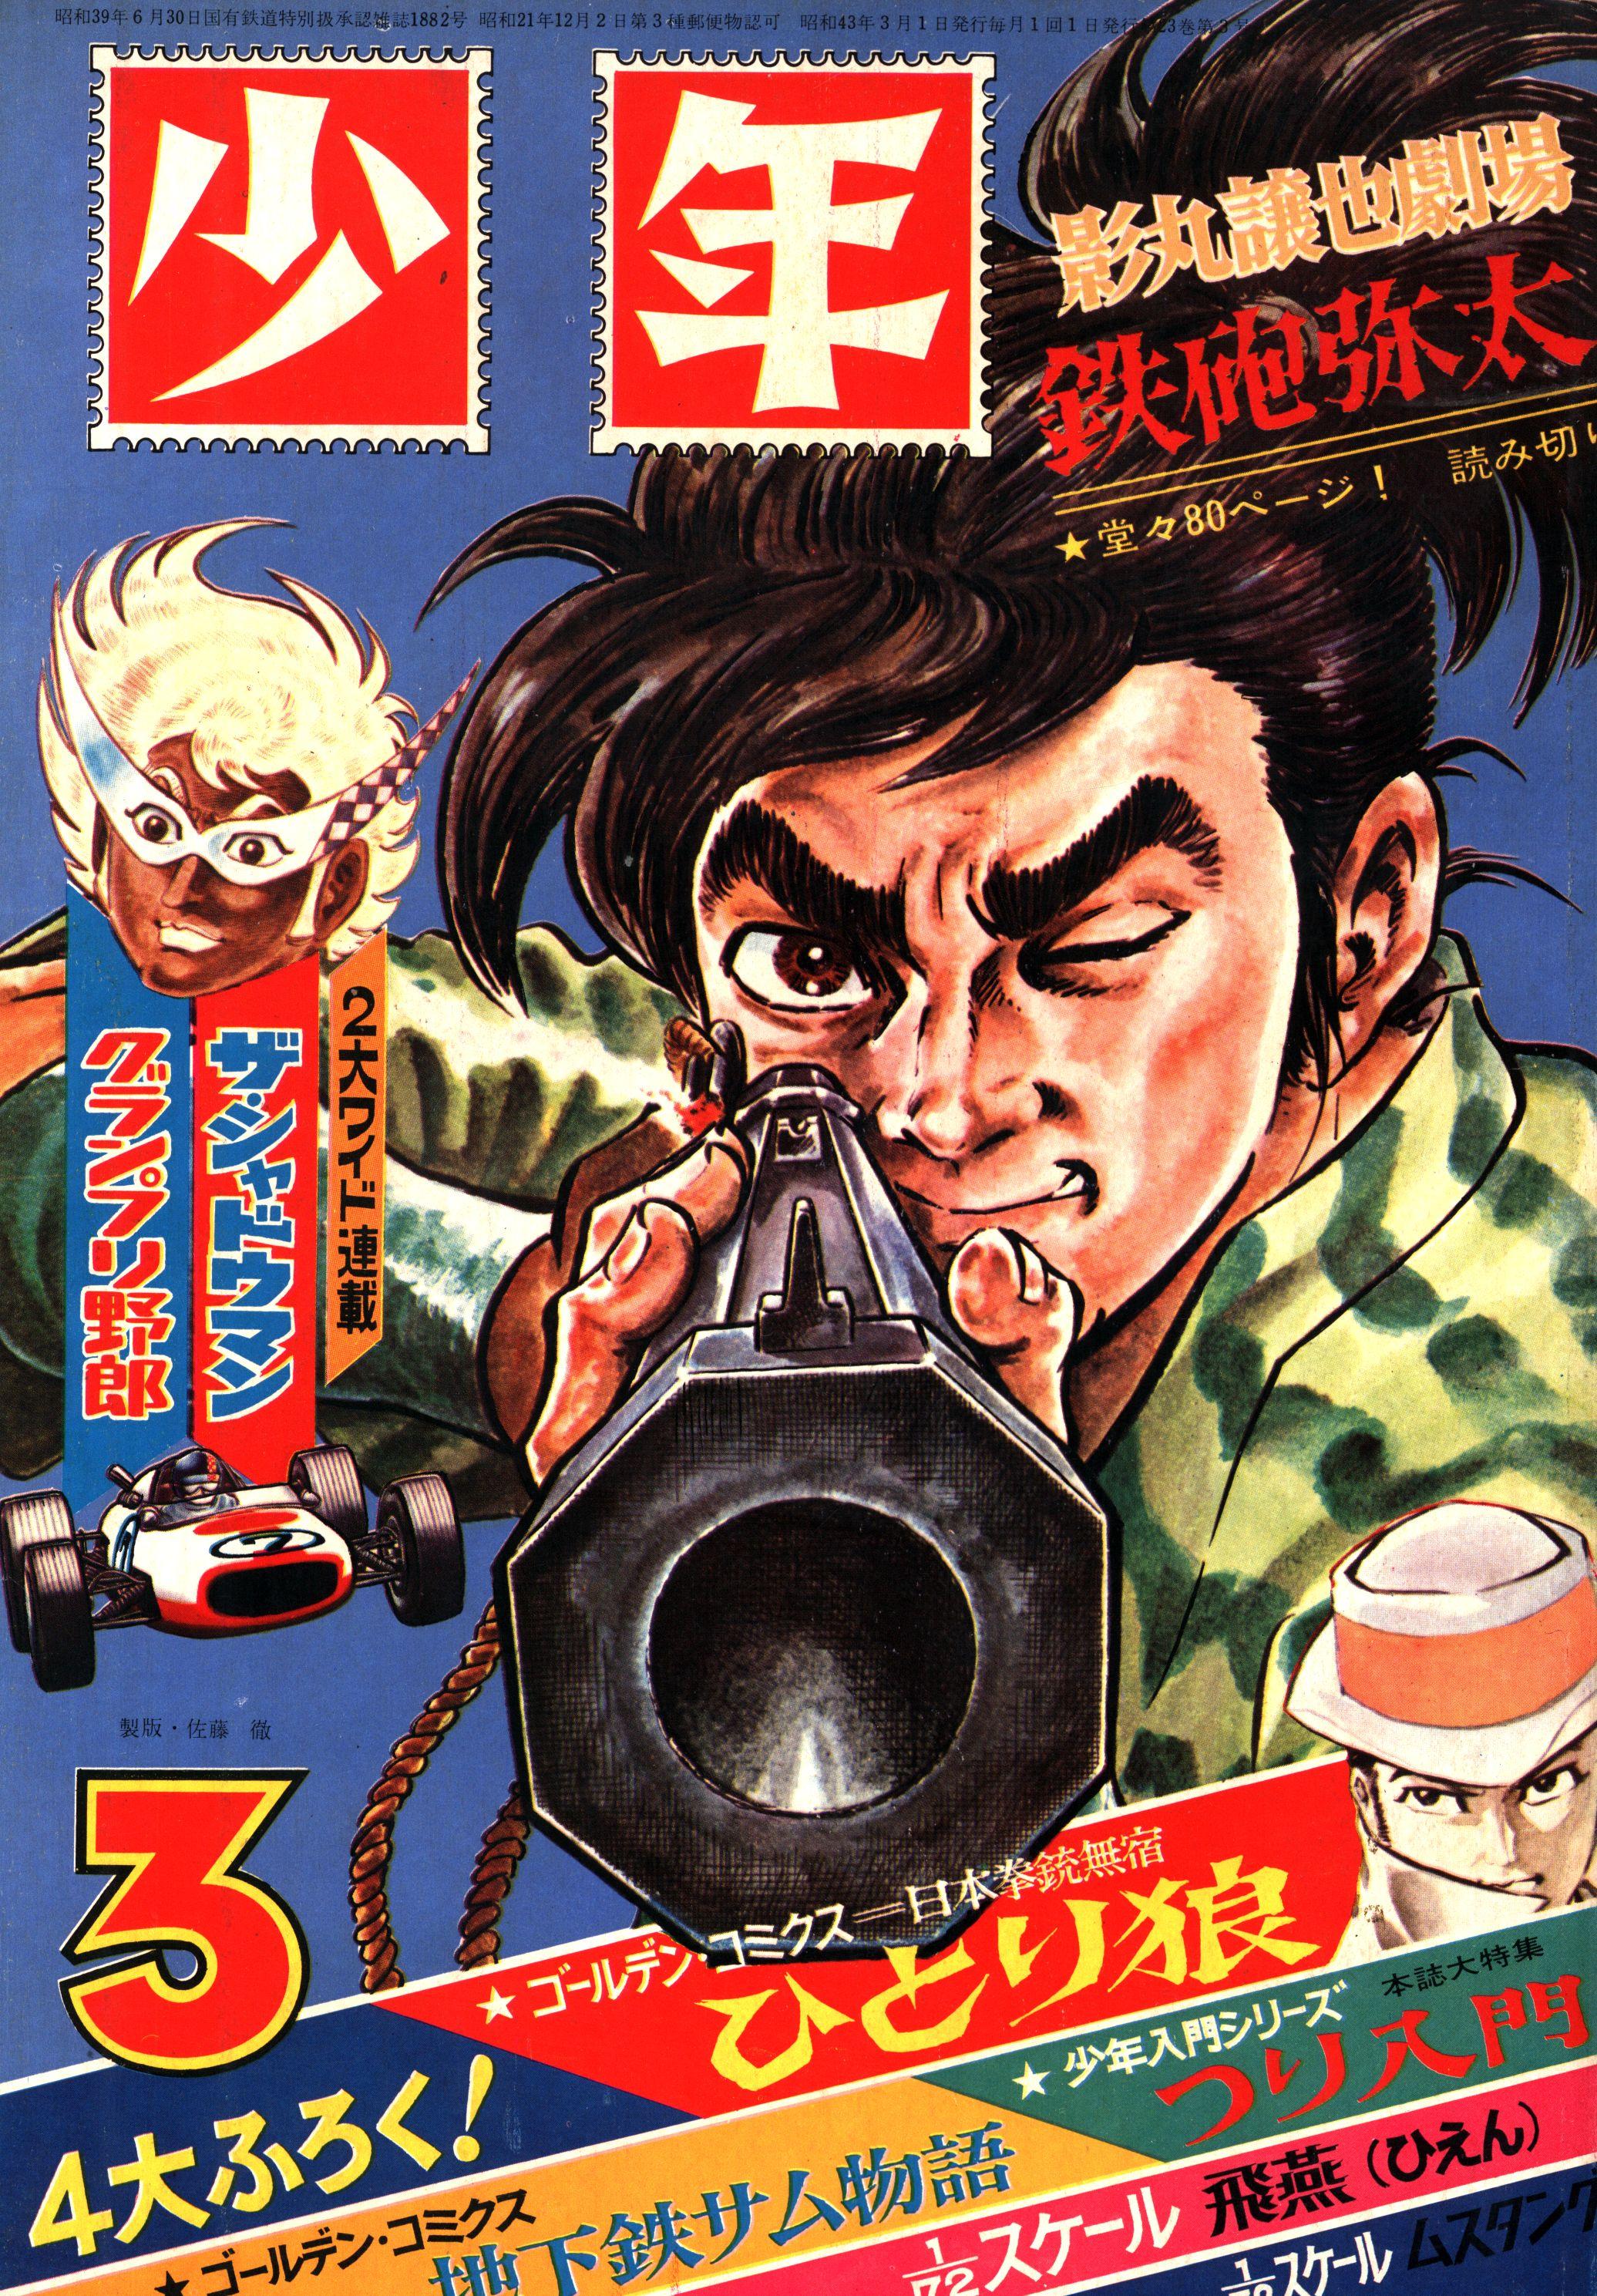 光文社 少年1968年(昭和43年)3月号 ※少年休刊号 | まんだらけ Mandarake